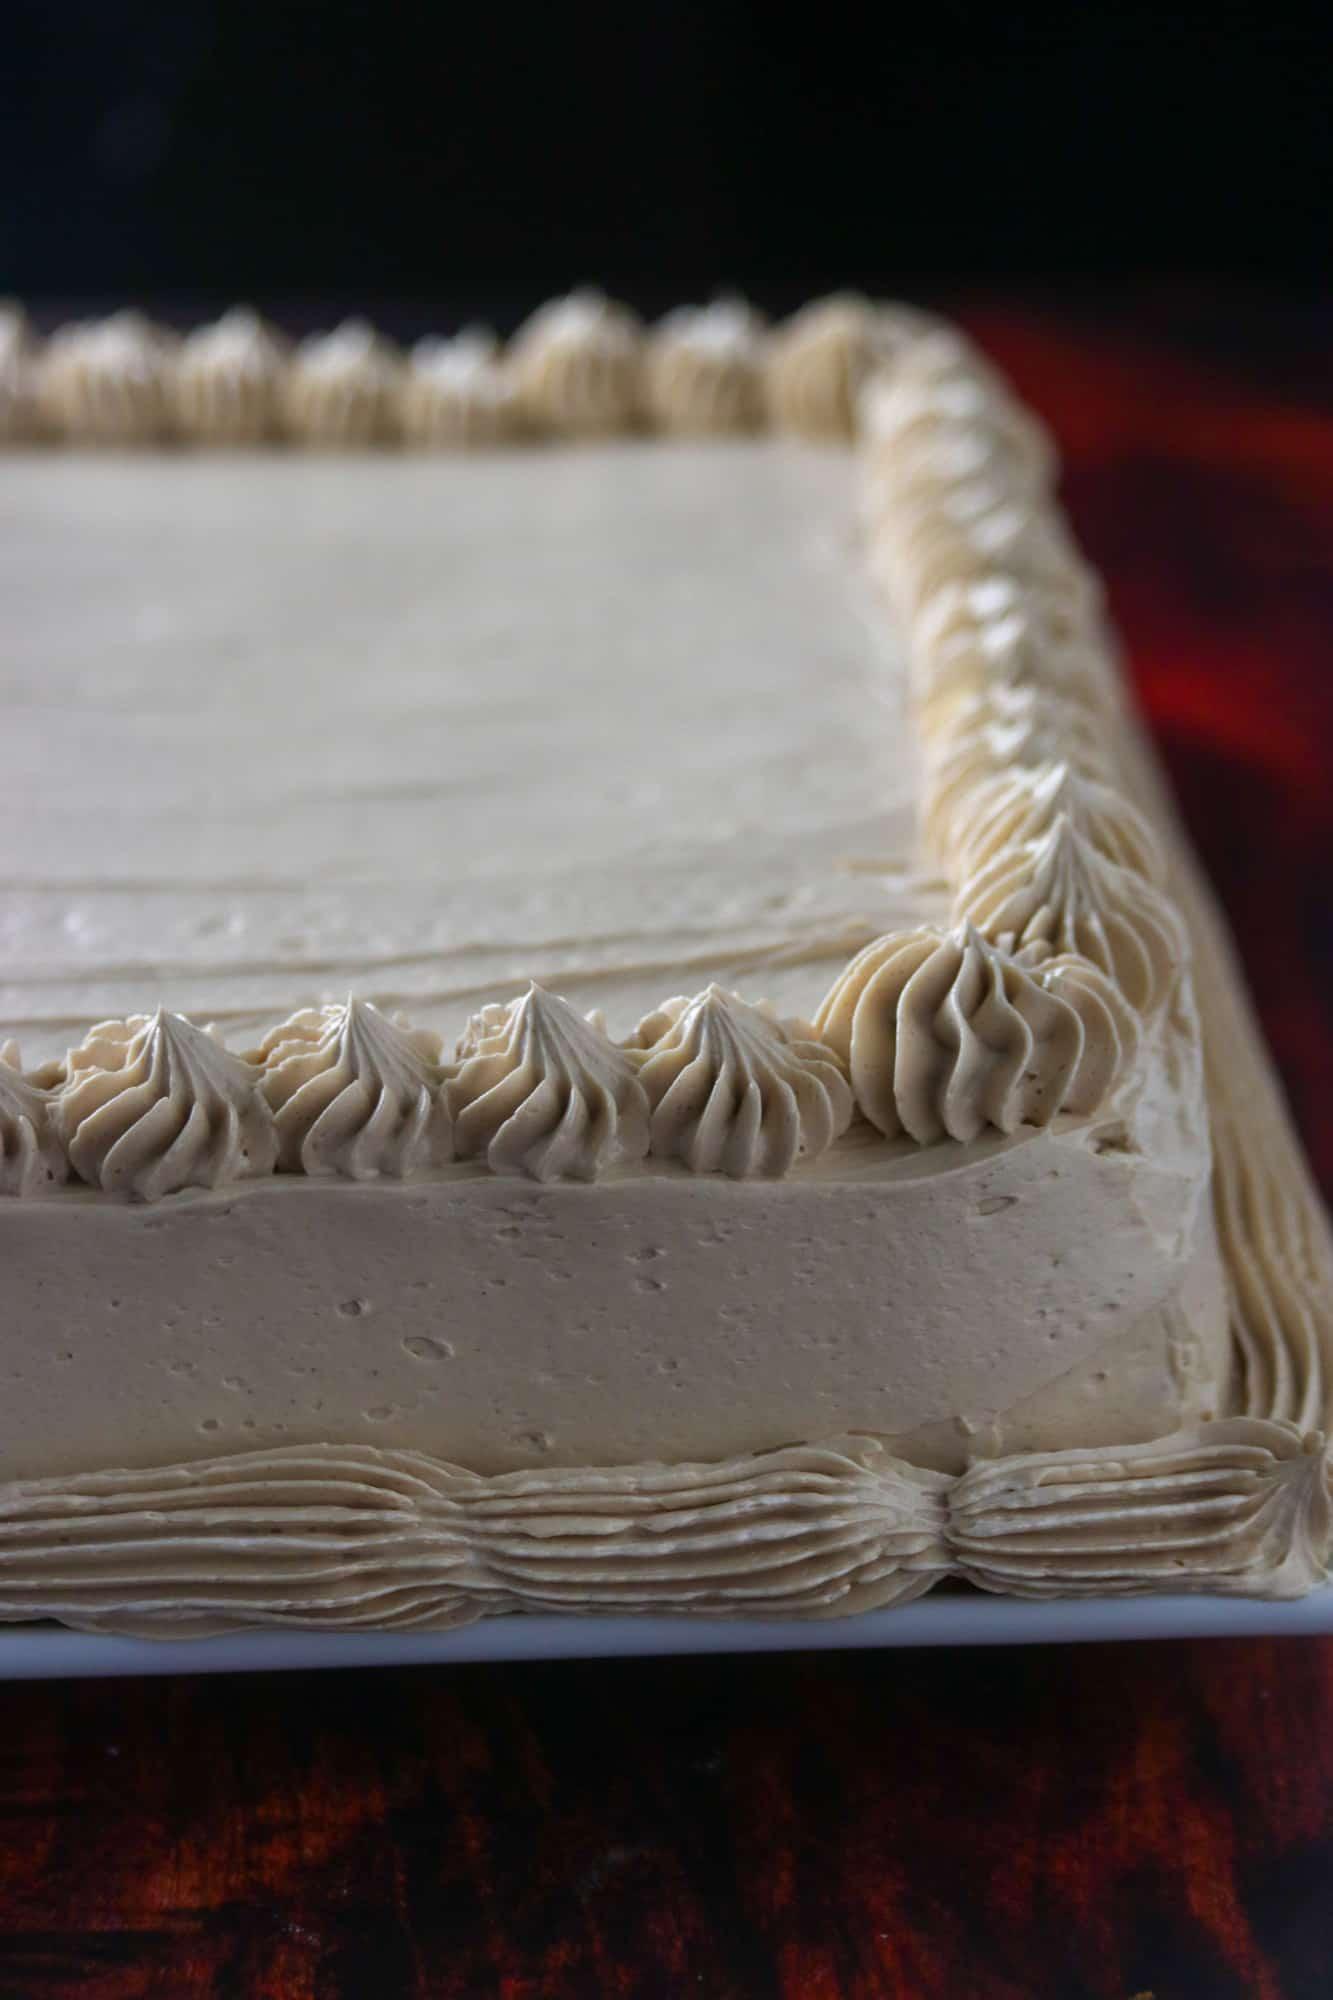 close up shot of mocha cake